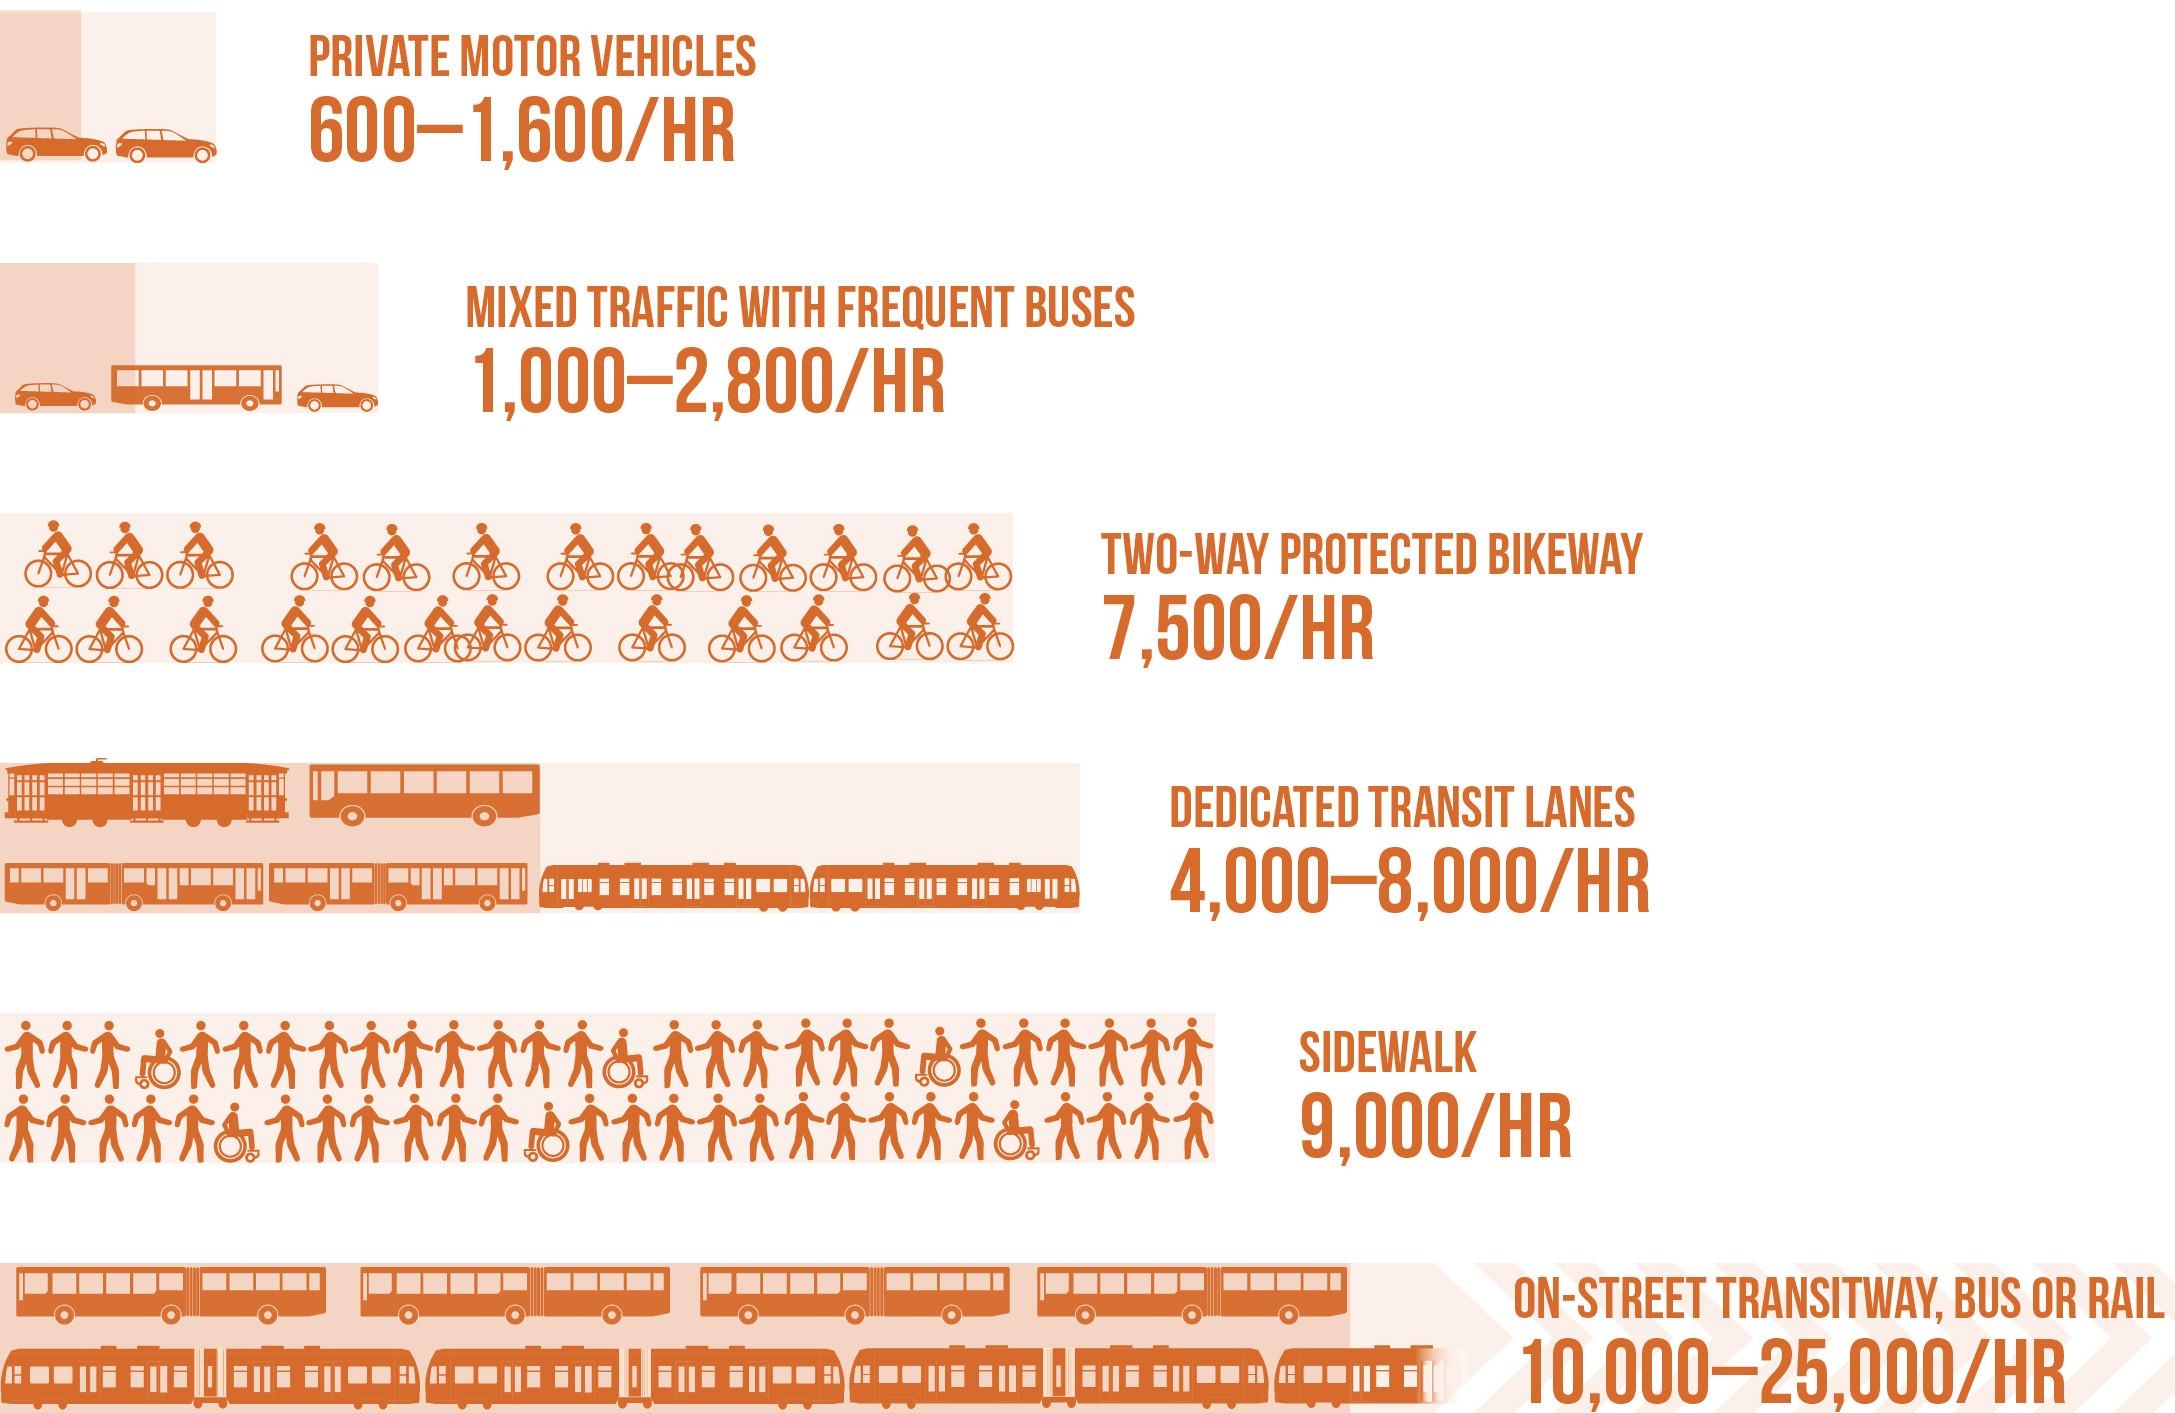 ทำไมเมืองต้องสนใจขนส่งมวลชนทางถนน?